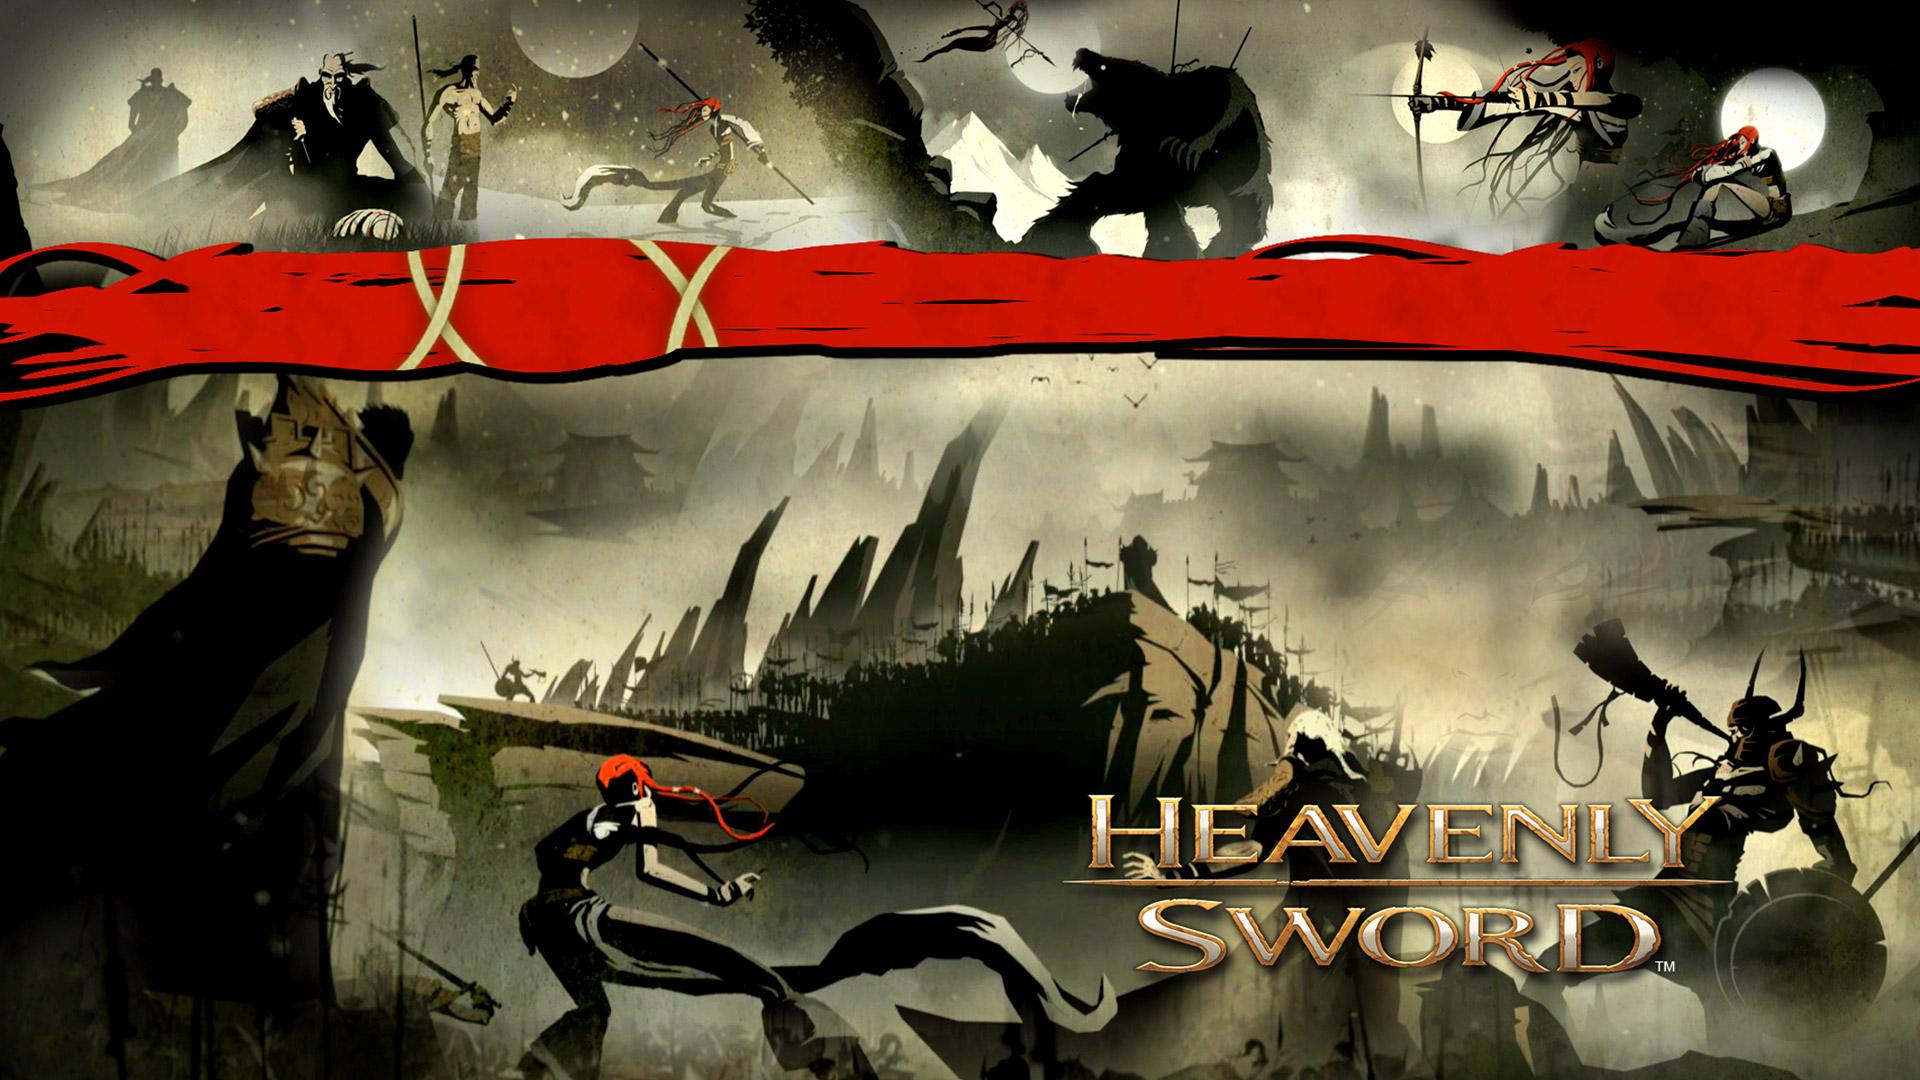 Heavenly Sword Wallpaper in 1920x1080